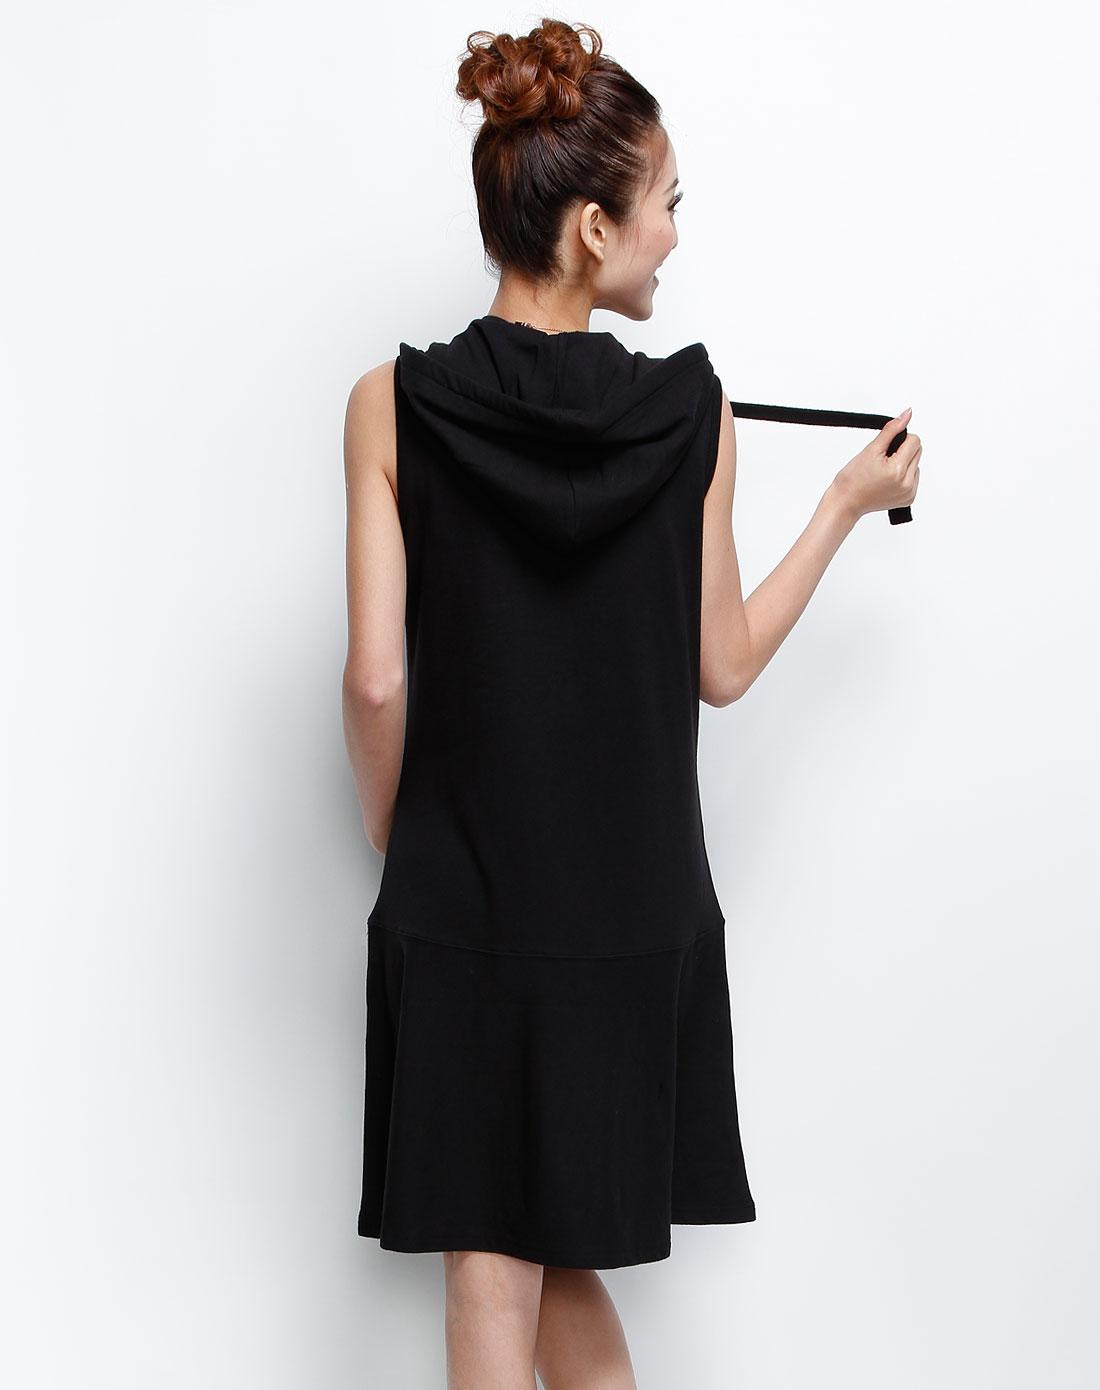 女装黑针织连衣裙